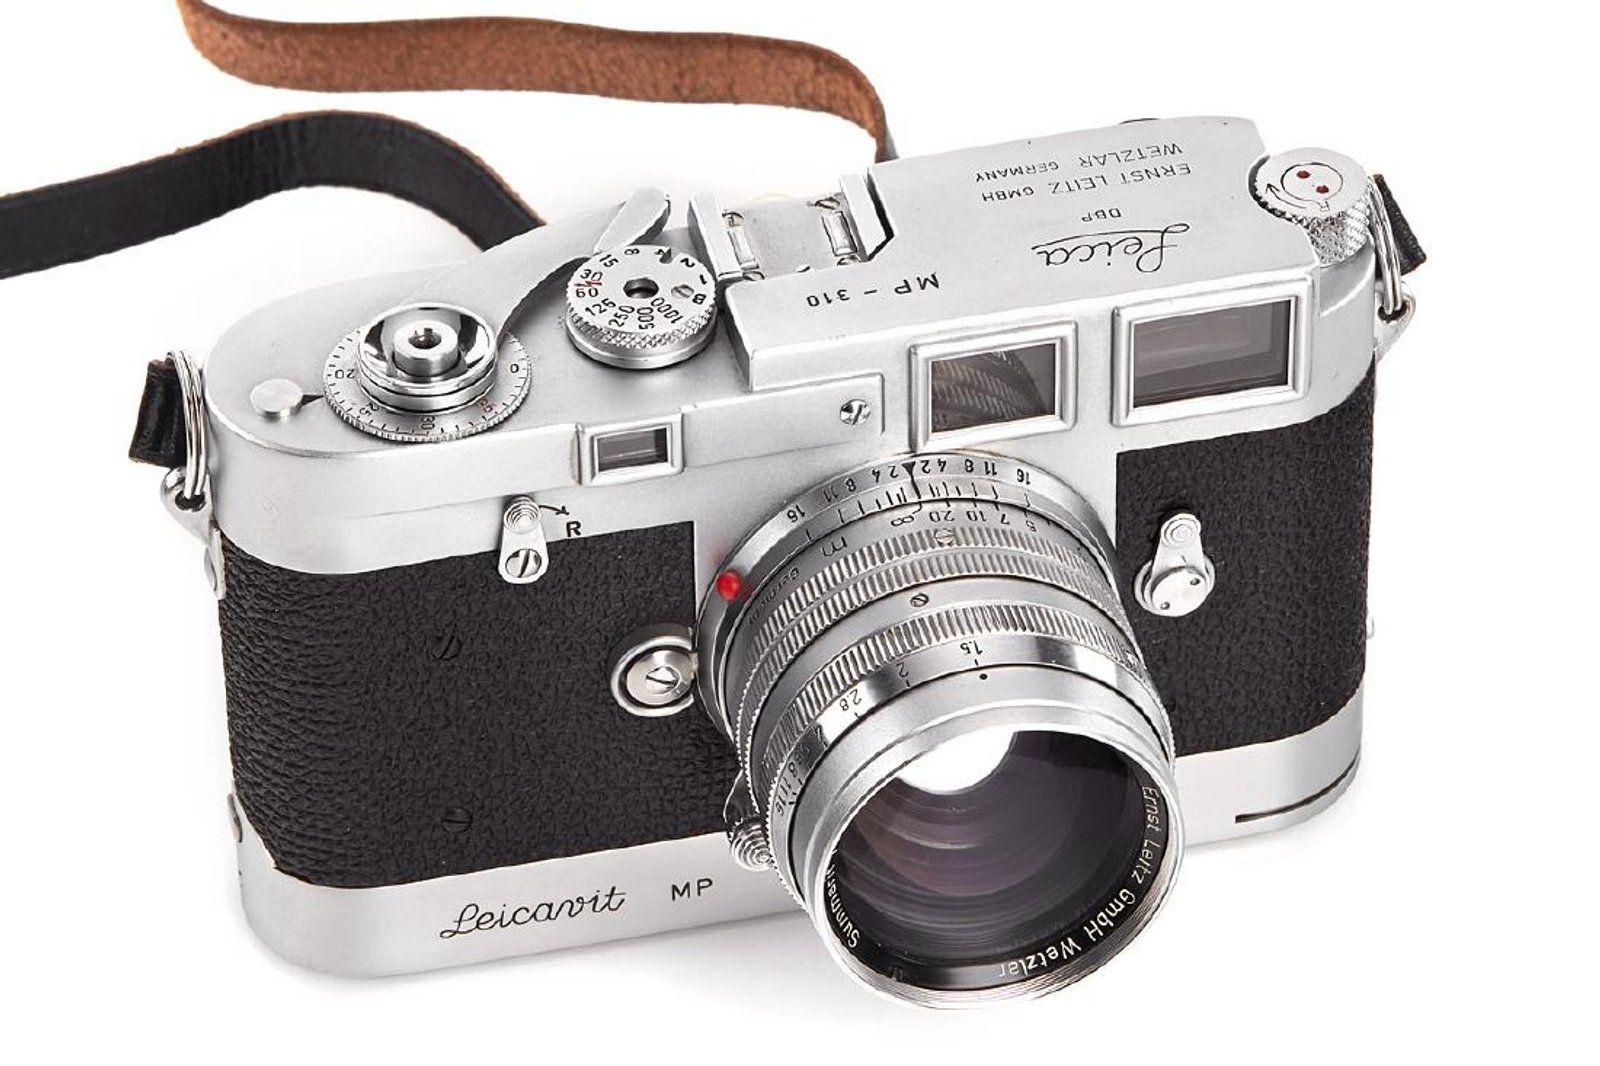 Leica MP chrome, 1958, no  MP-310 on   Leica   Leica, Rangefinder